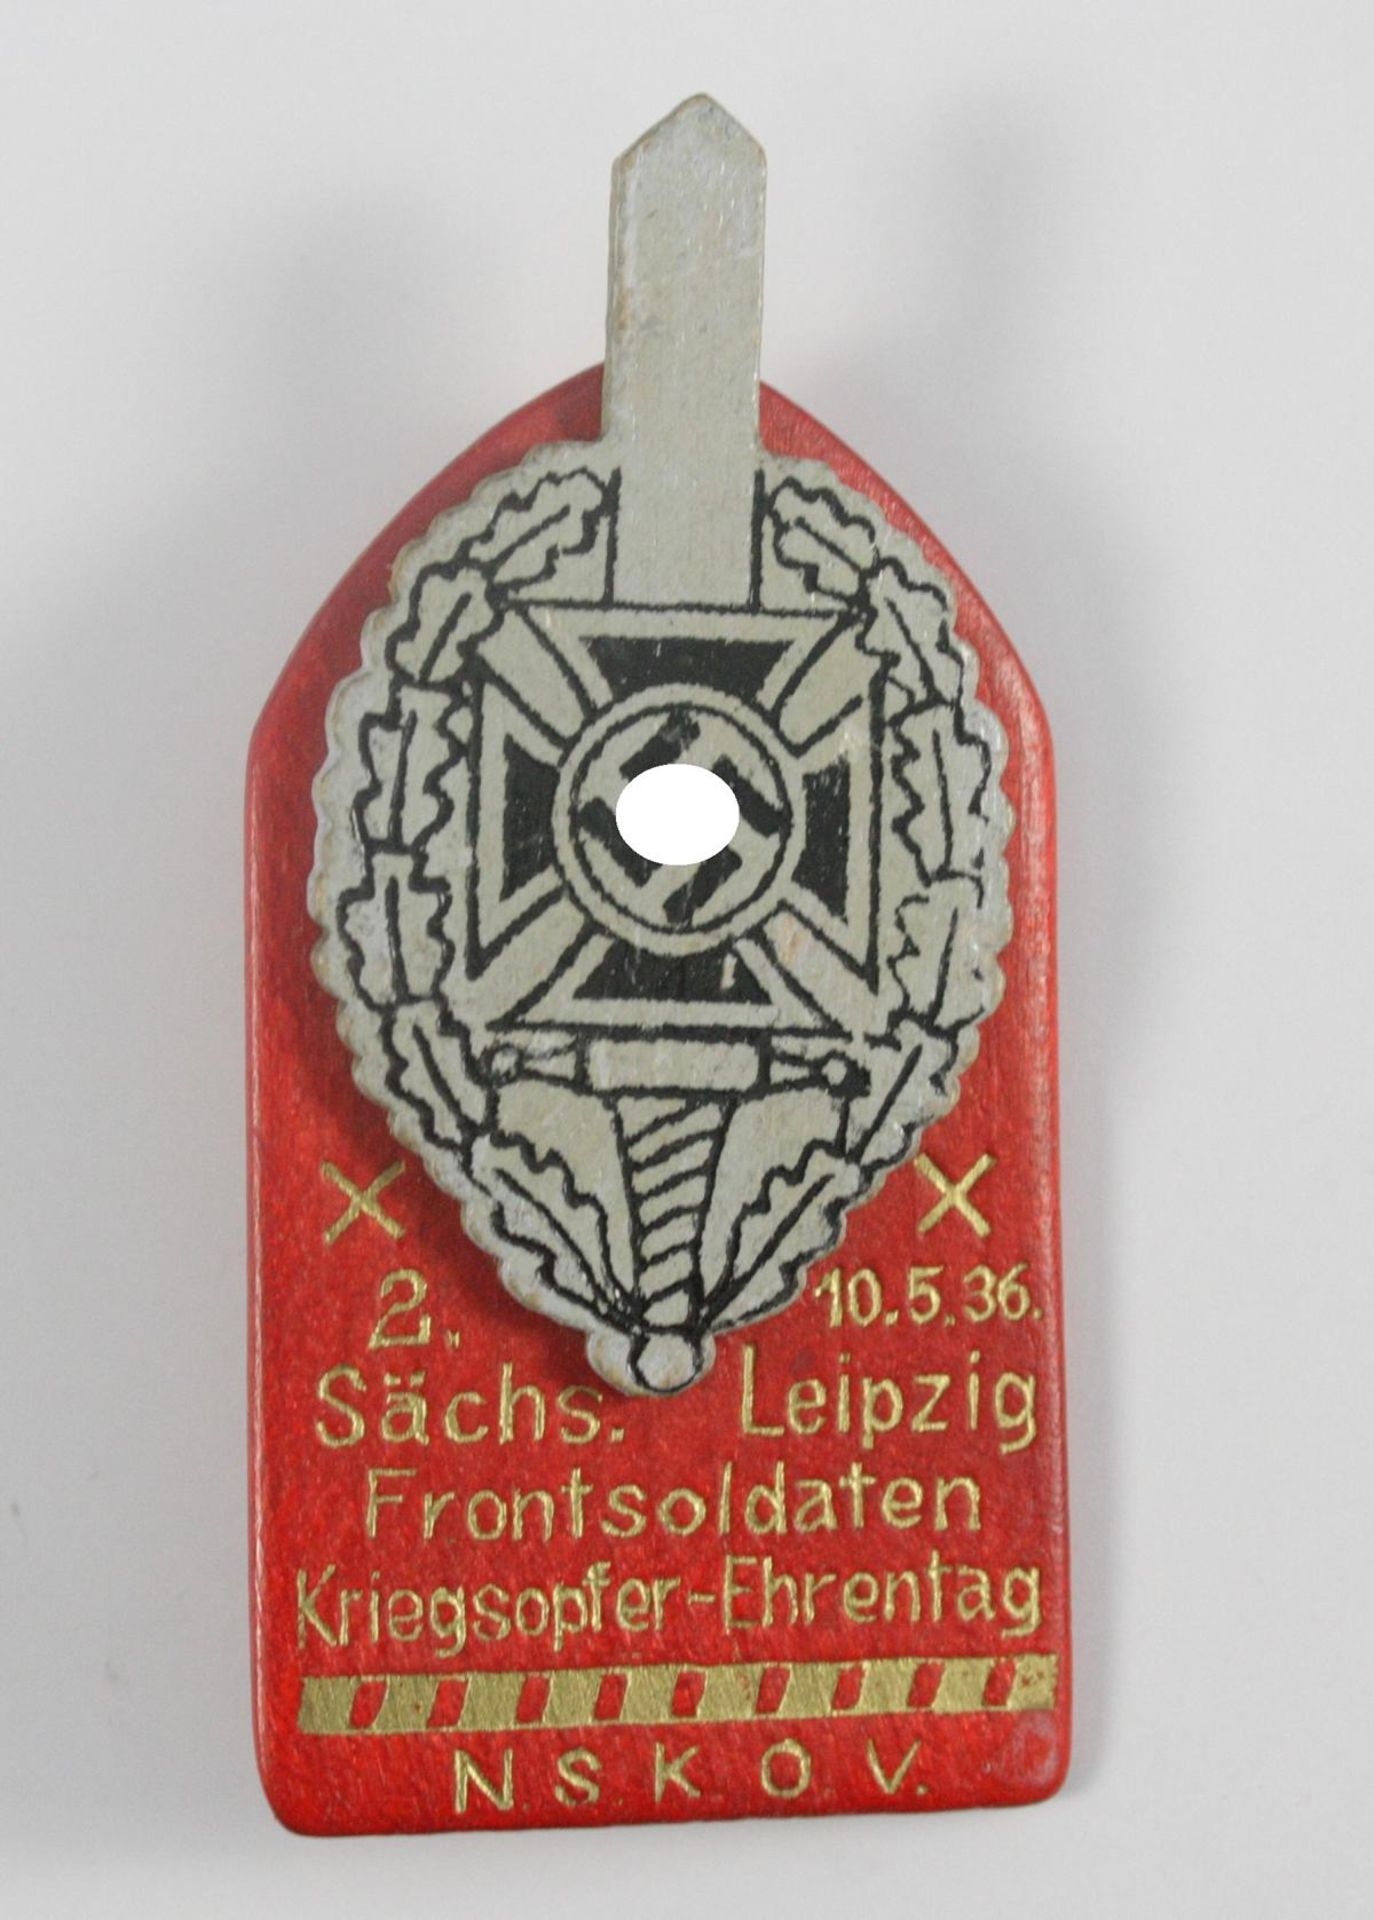 Holzabzeichen, 2. sächsischer Frontsoldaten Kriegsopfer Ehrentag 1936, NSKOV